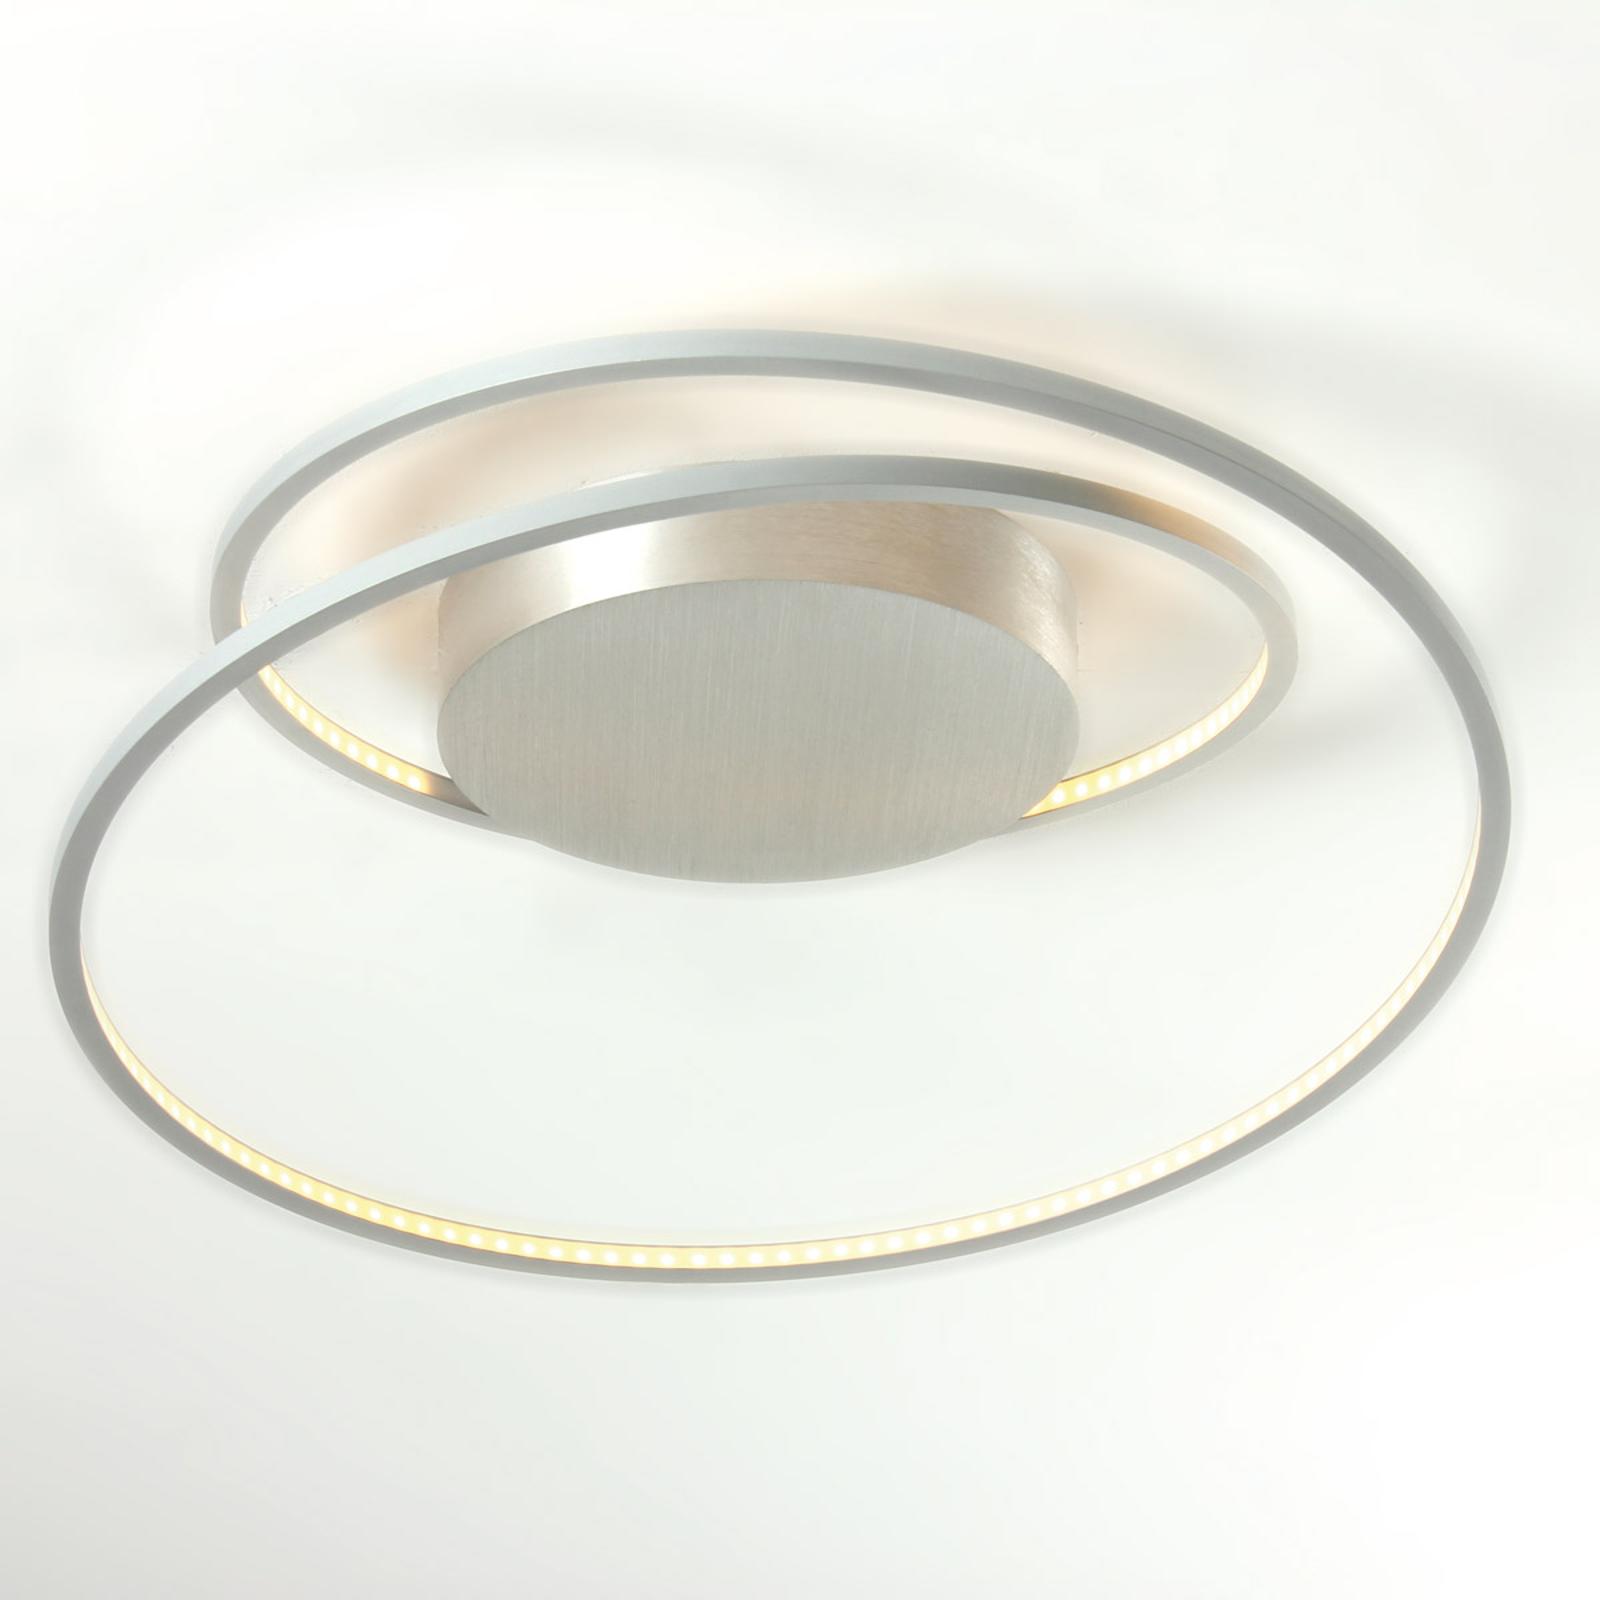 Bopp At LED stropní svítidlo hliník 45cm